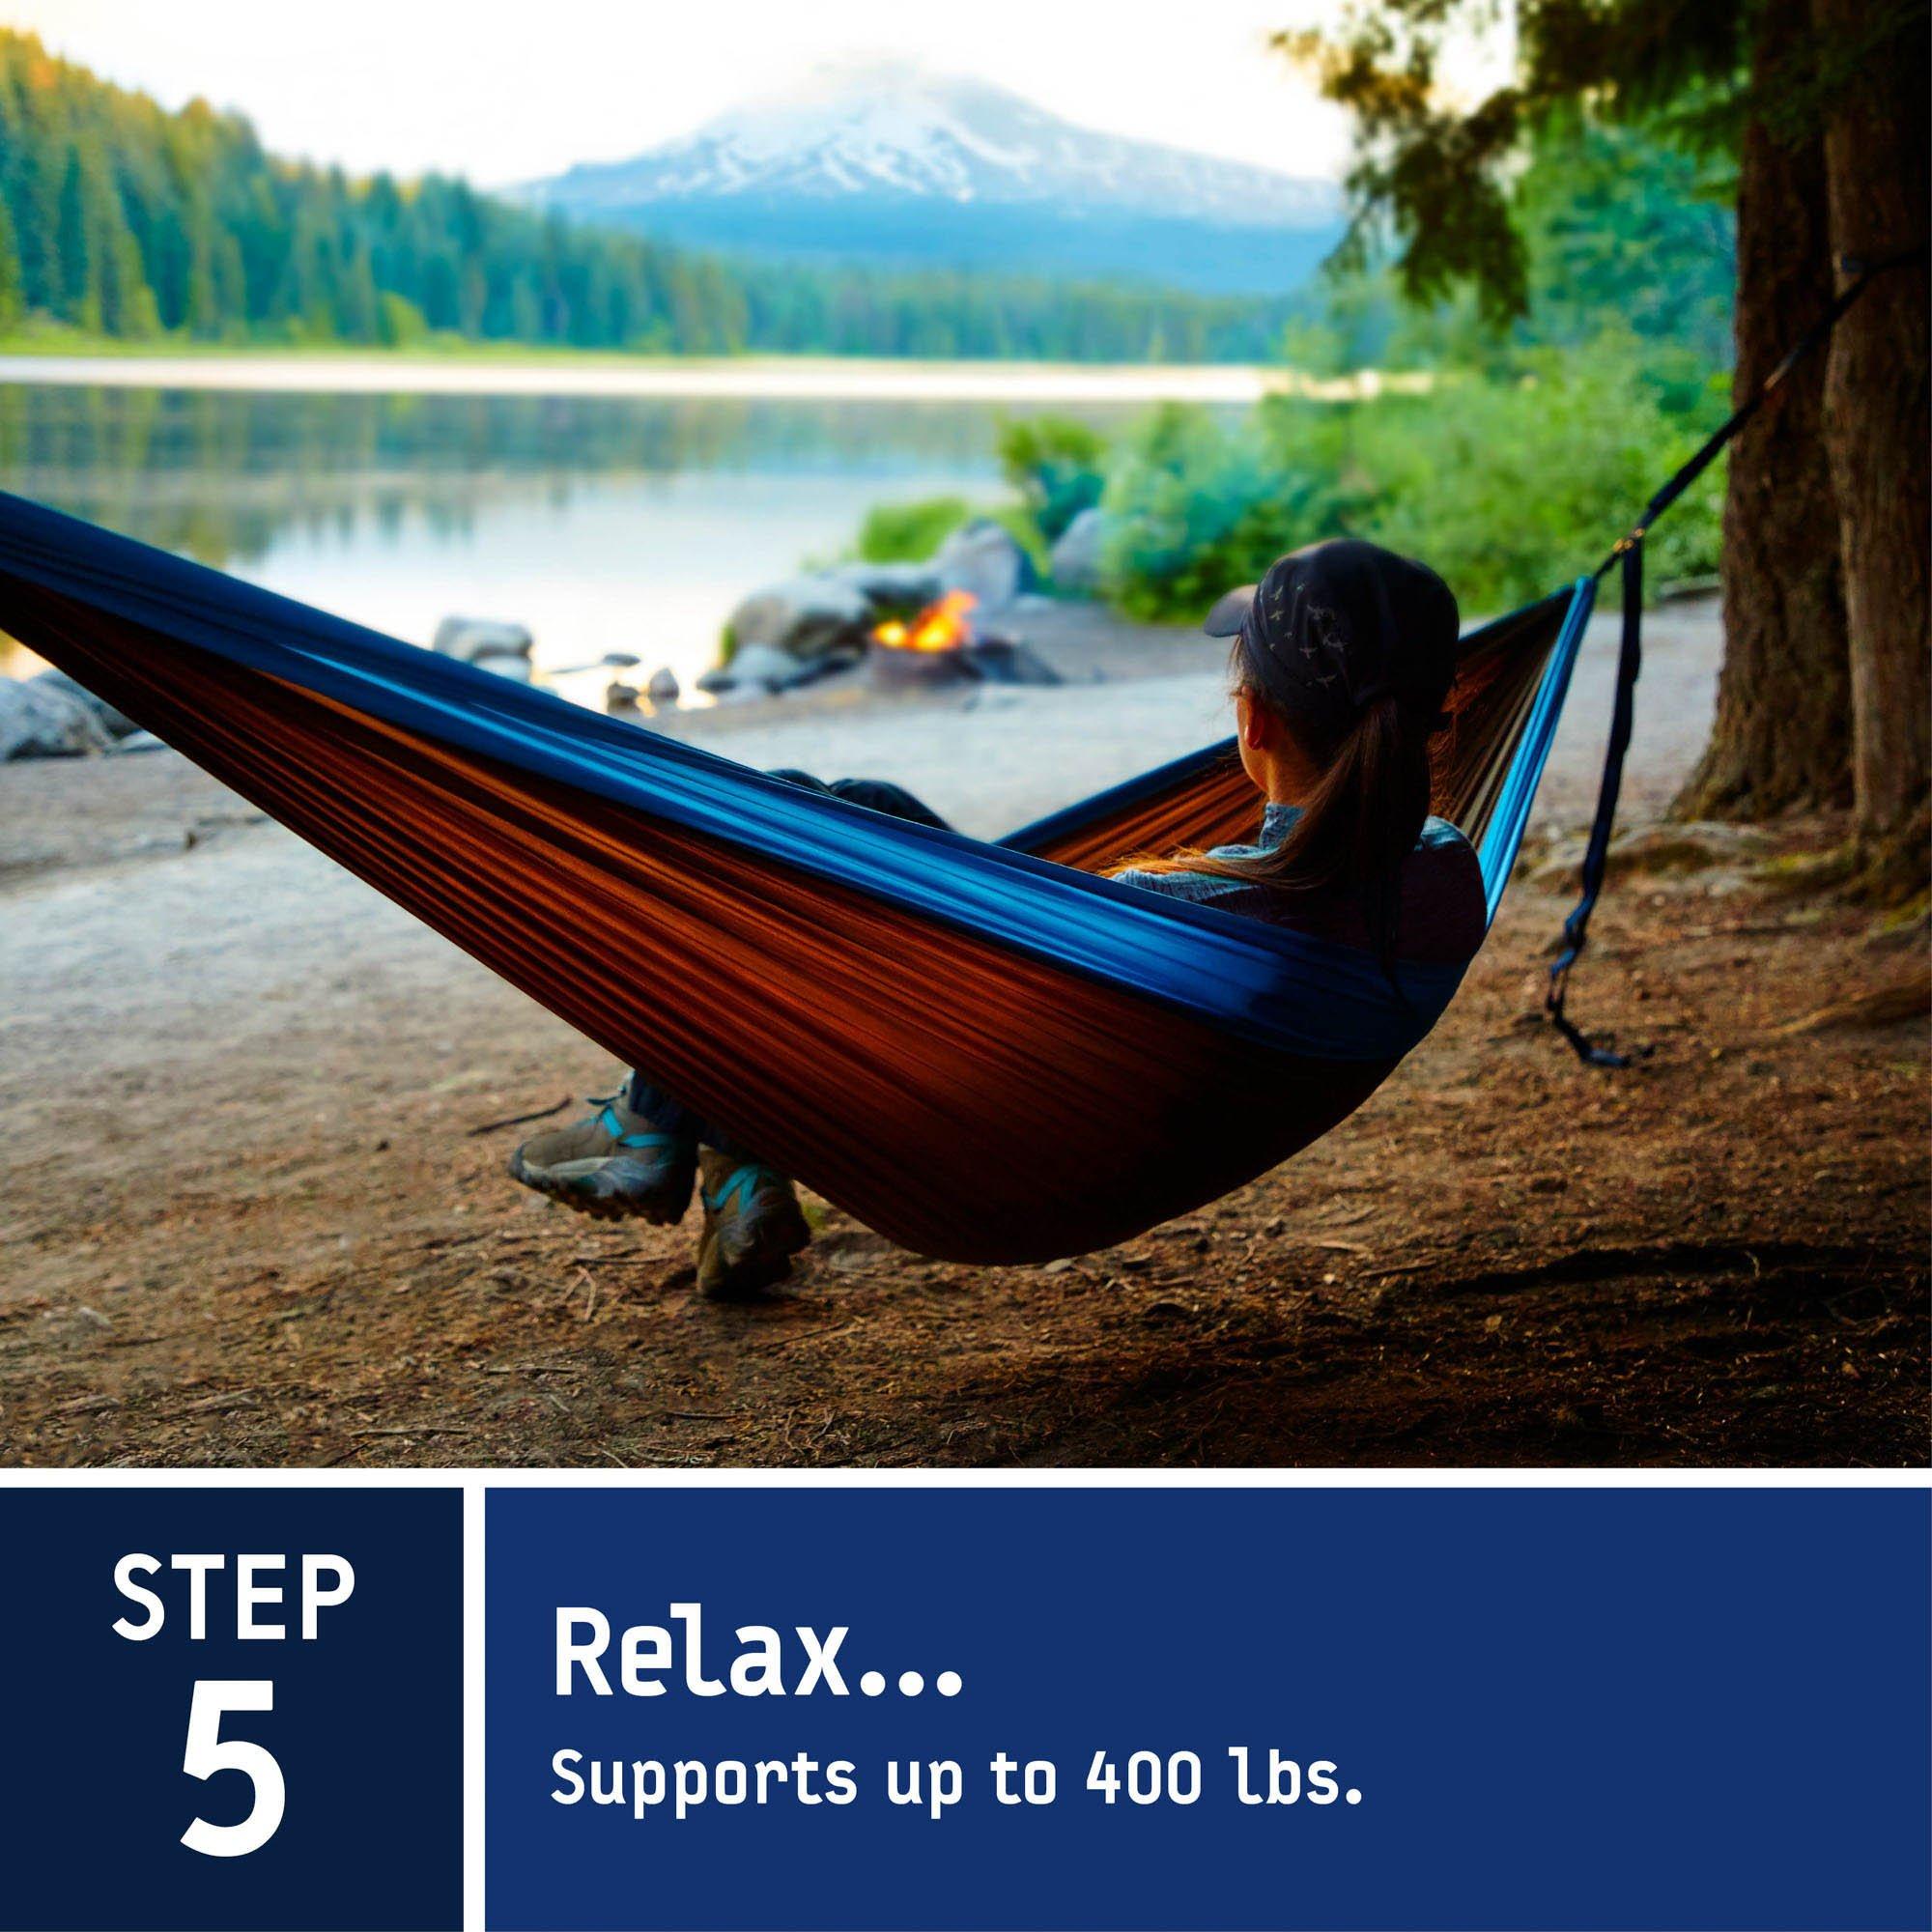 singlenest doublenest rei hammock sale double cheap stand deluxe setup eno